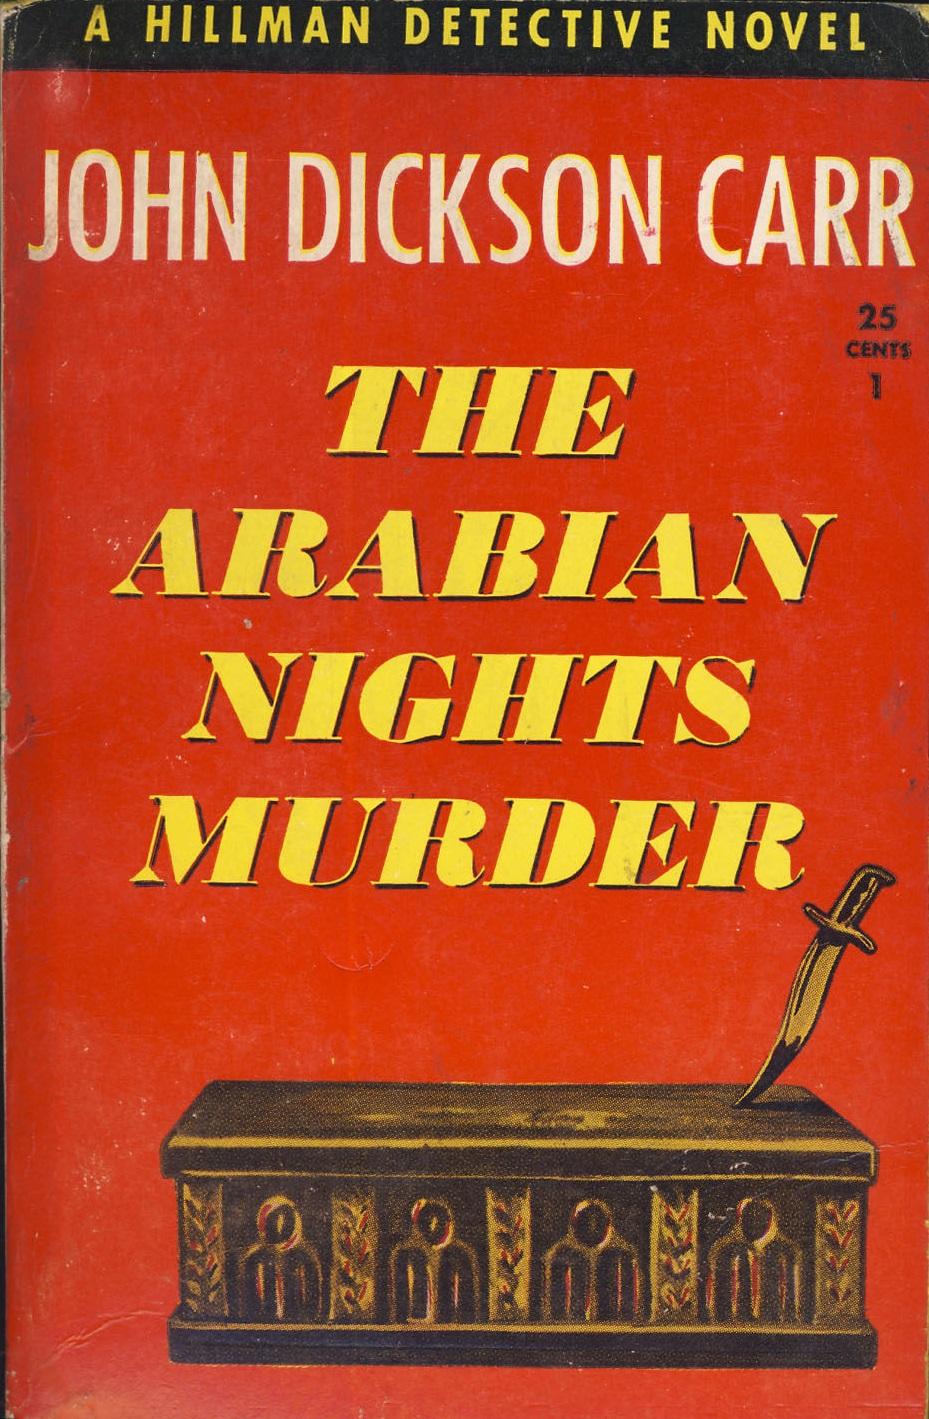 Джон Диксон Карр — Убийство арабских ночей (1936)